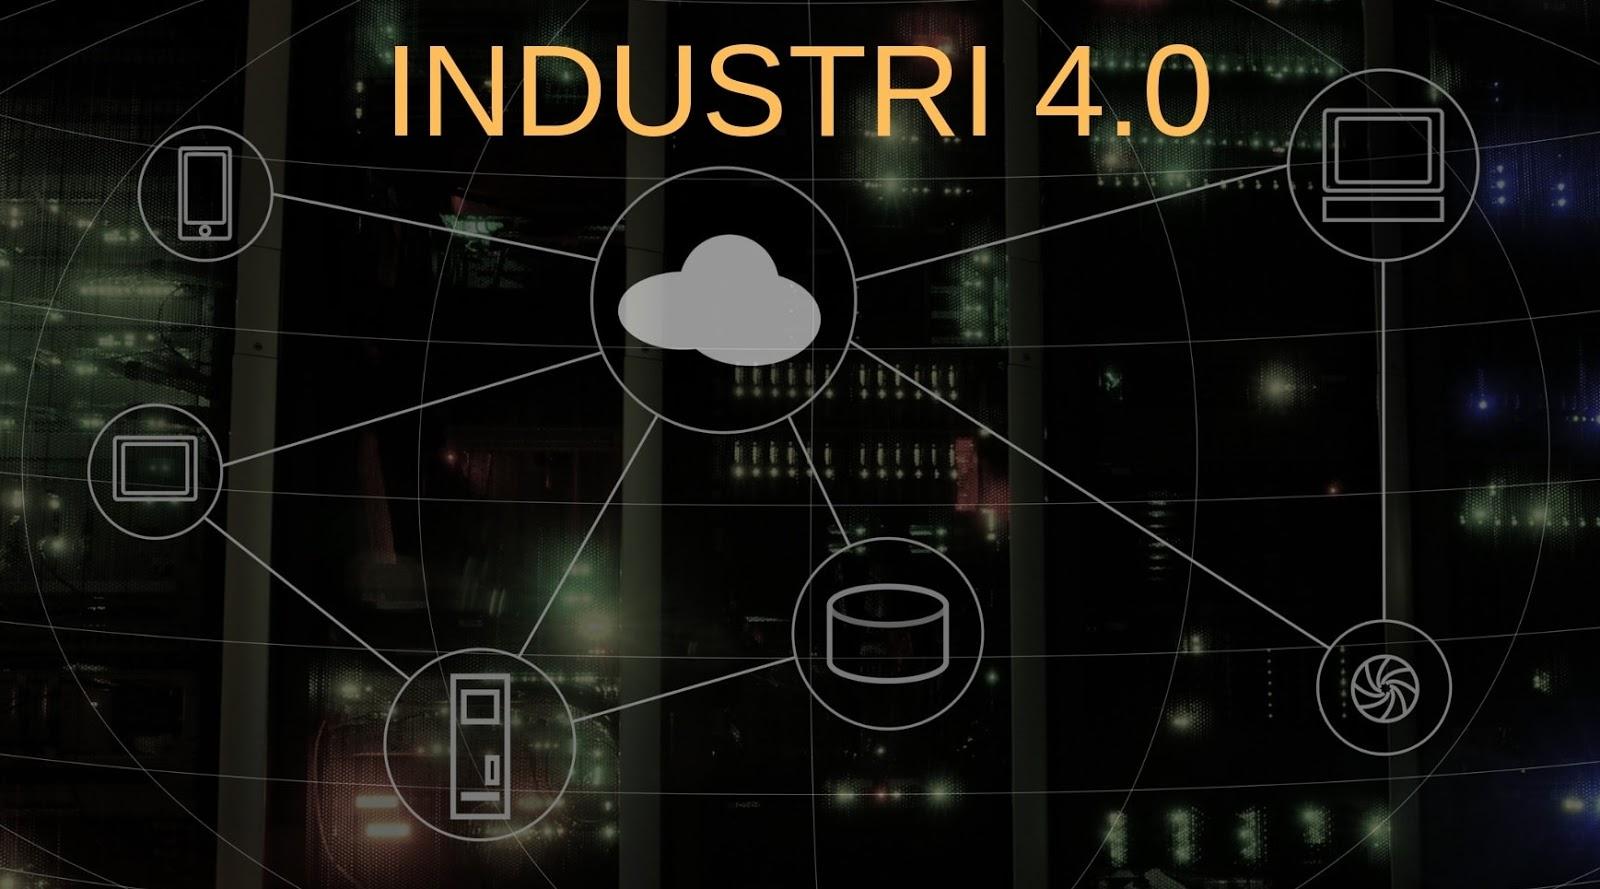 Melampui Tantangan di Era Revolusi Industri 4.0 Dengan Website